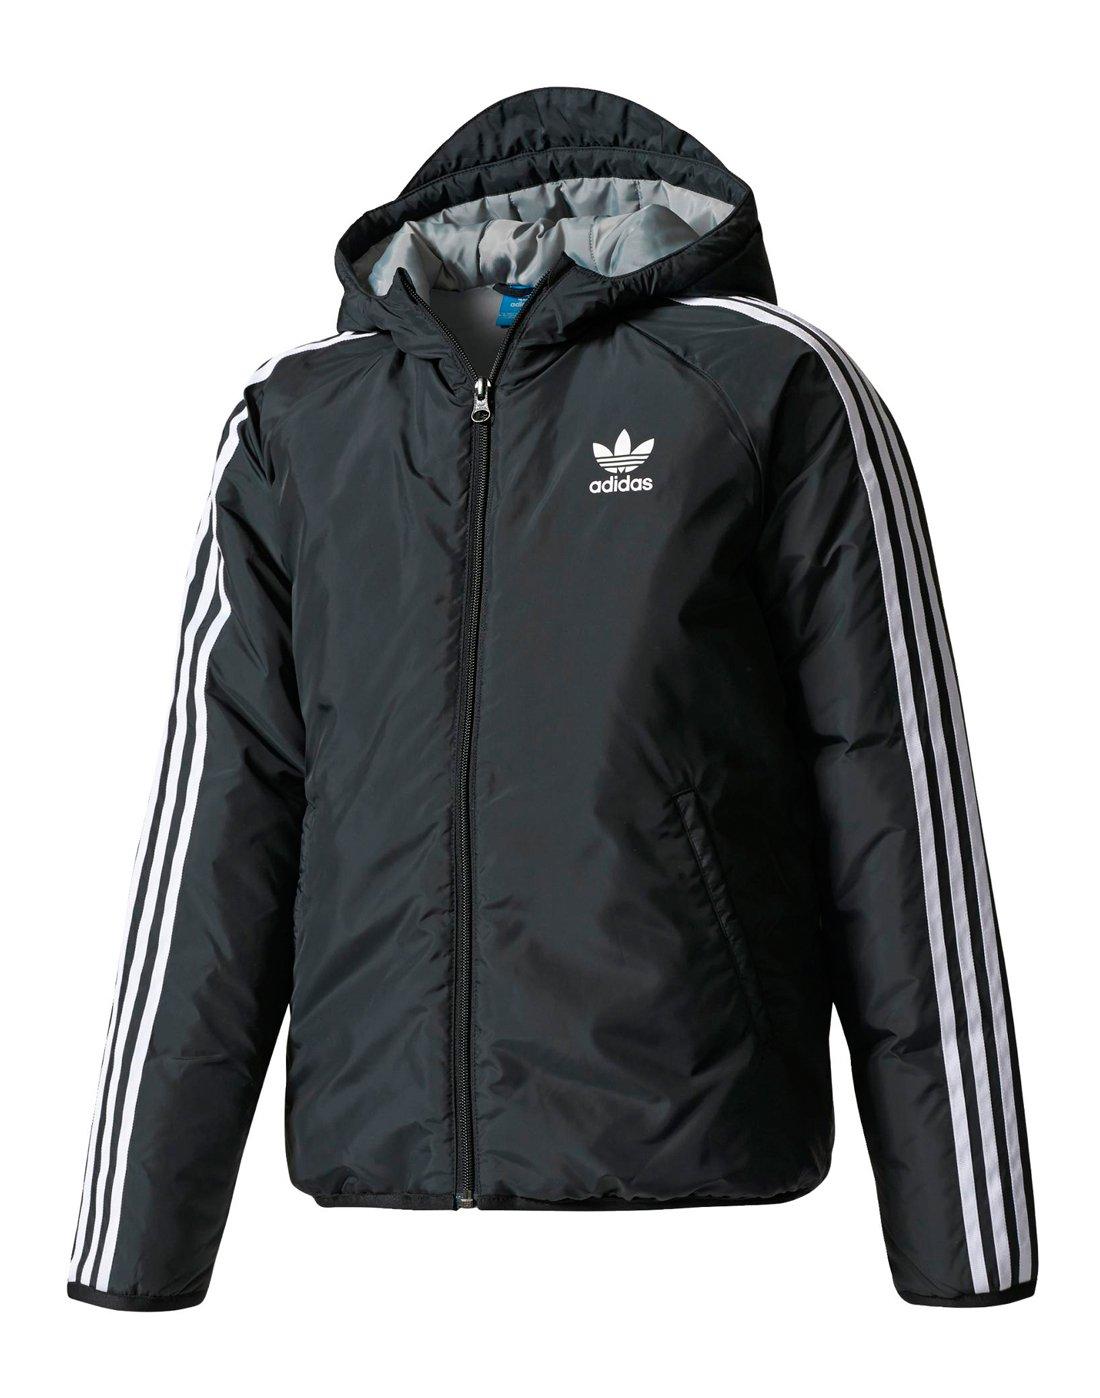 7d60d8296198 adidas Originals Older Boys Originals Jacket